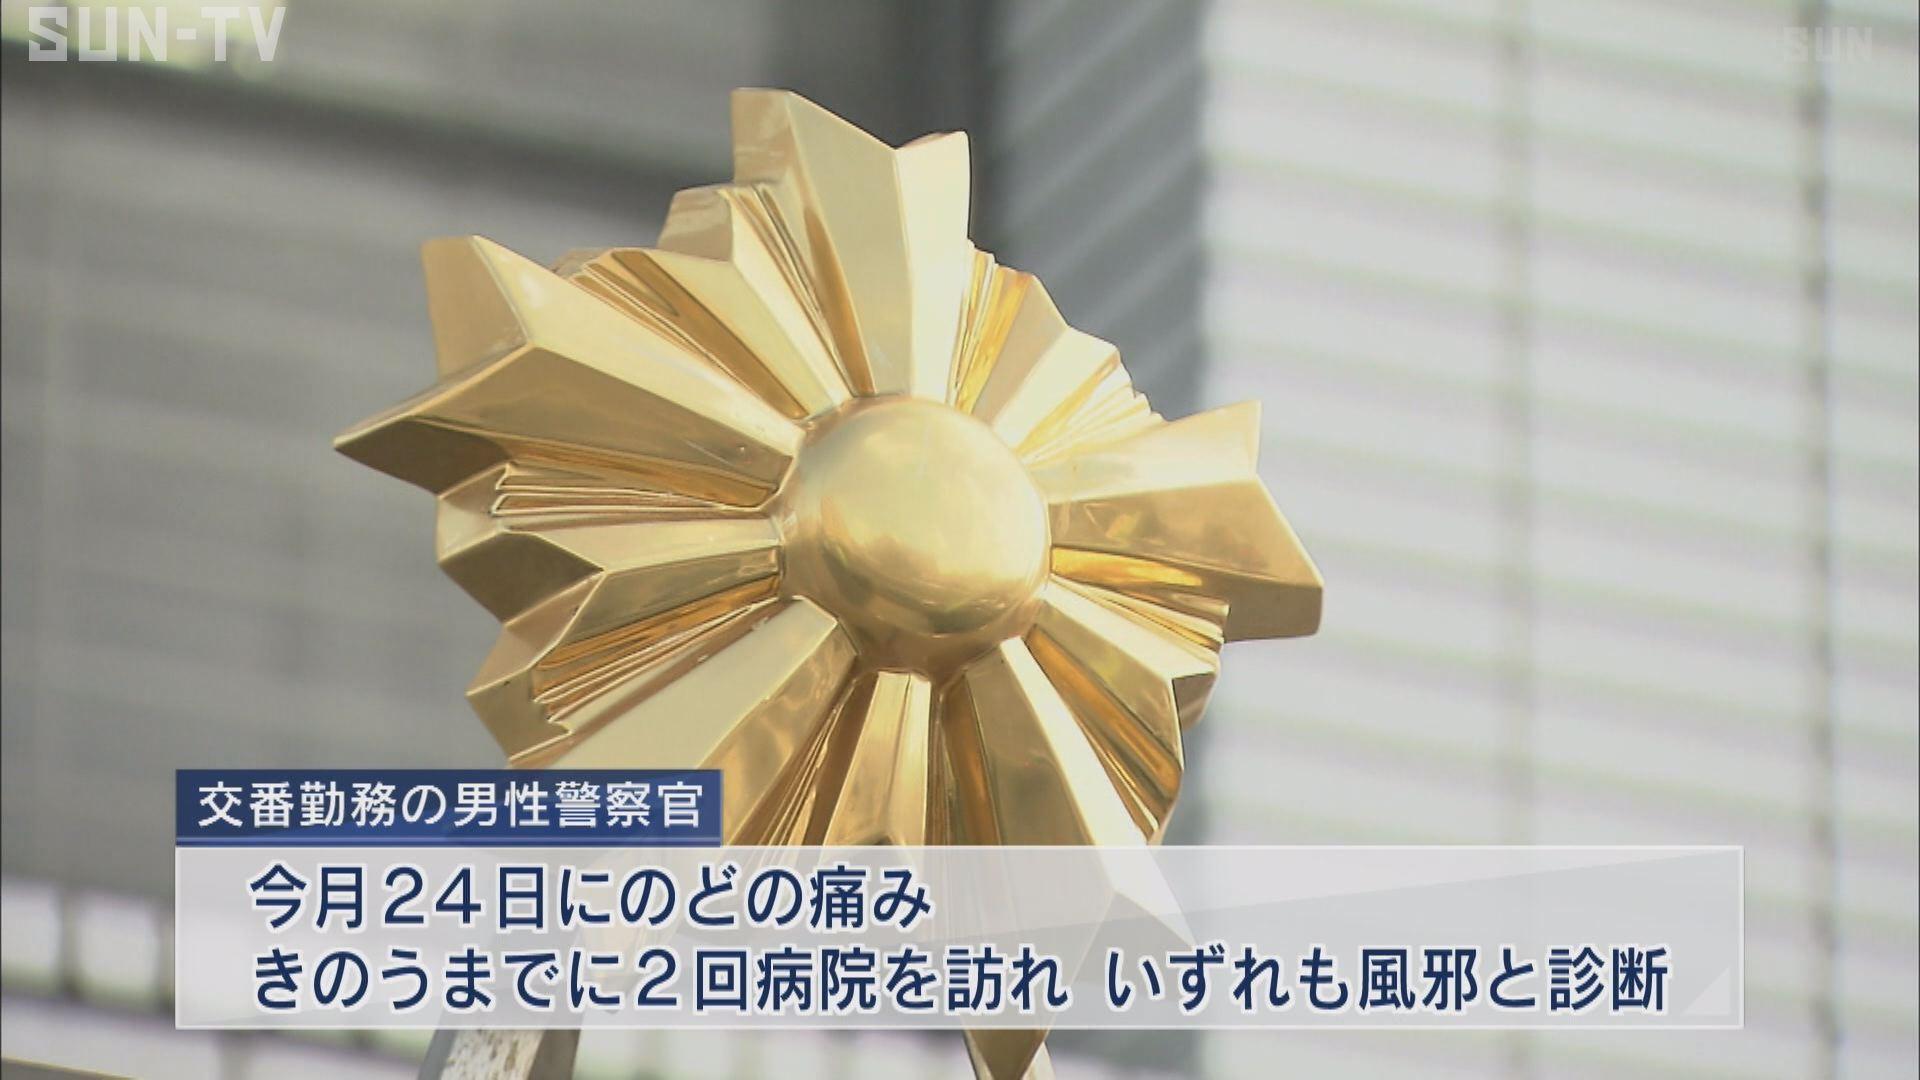 病院 コロナ 警察 大阪